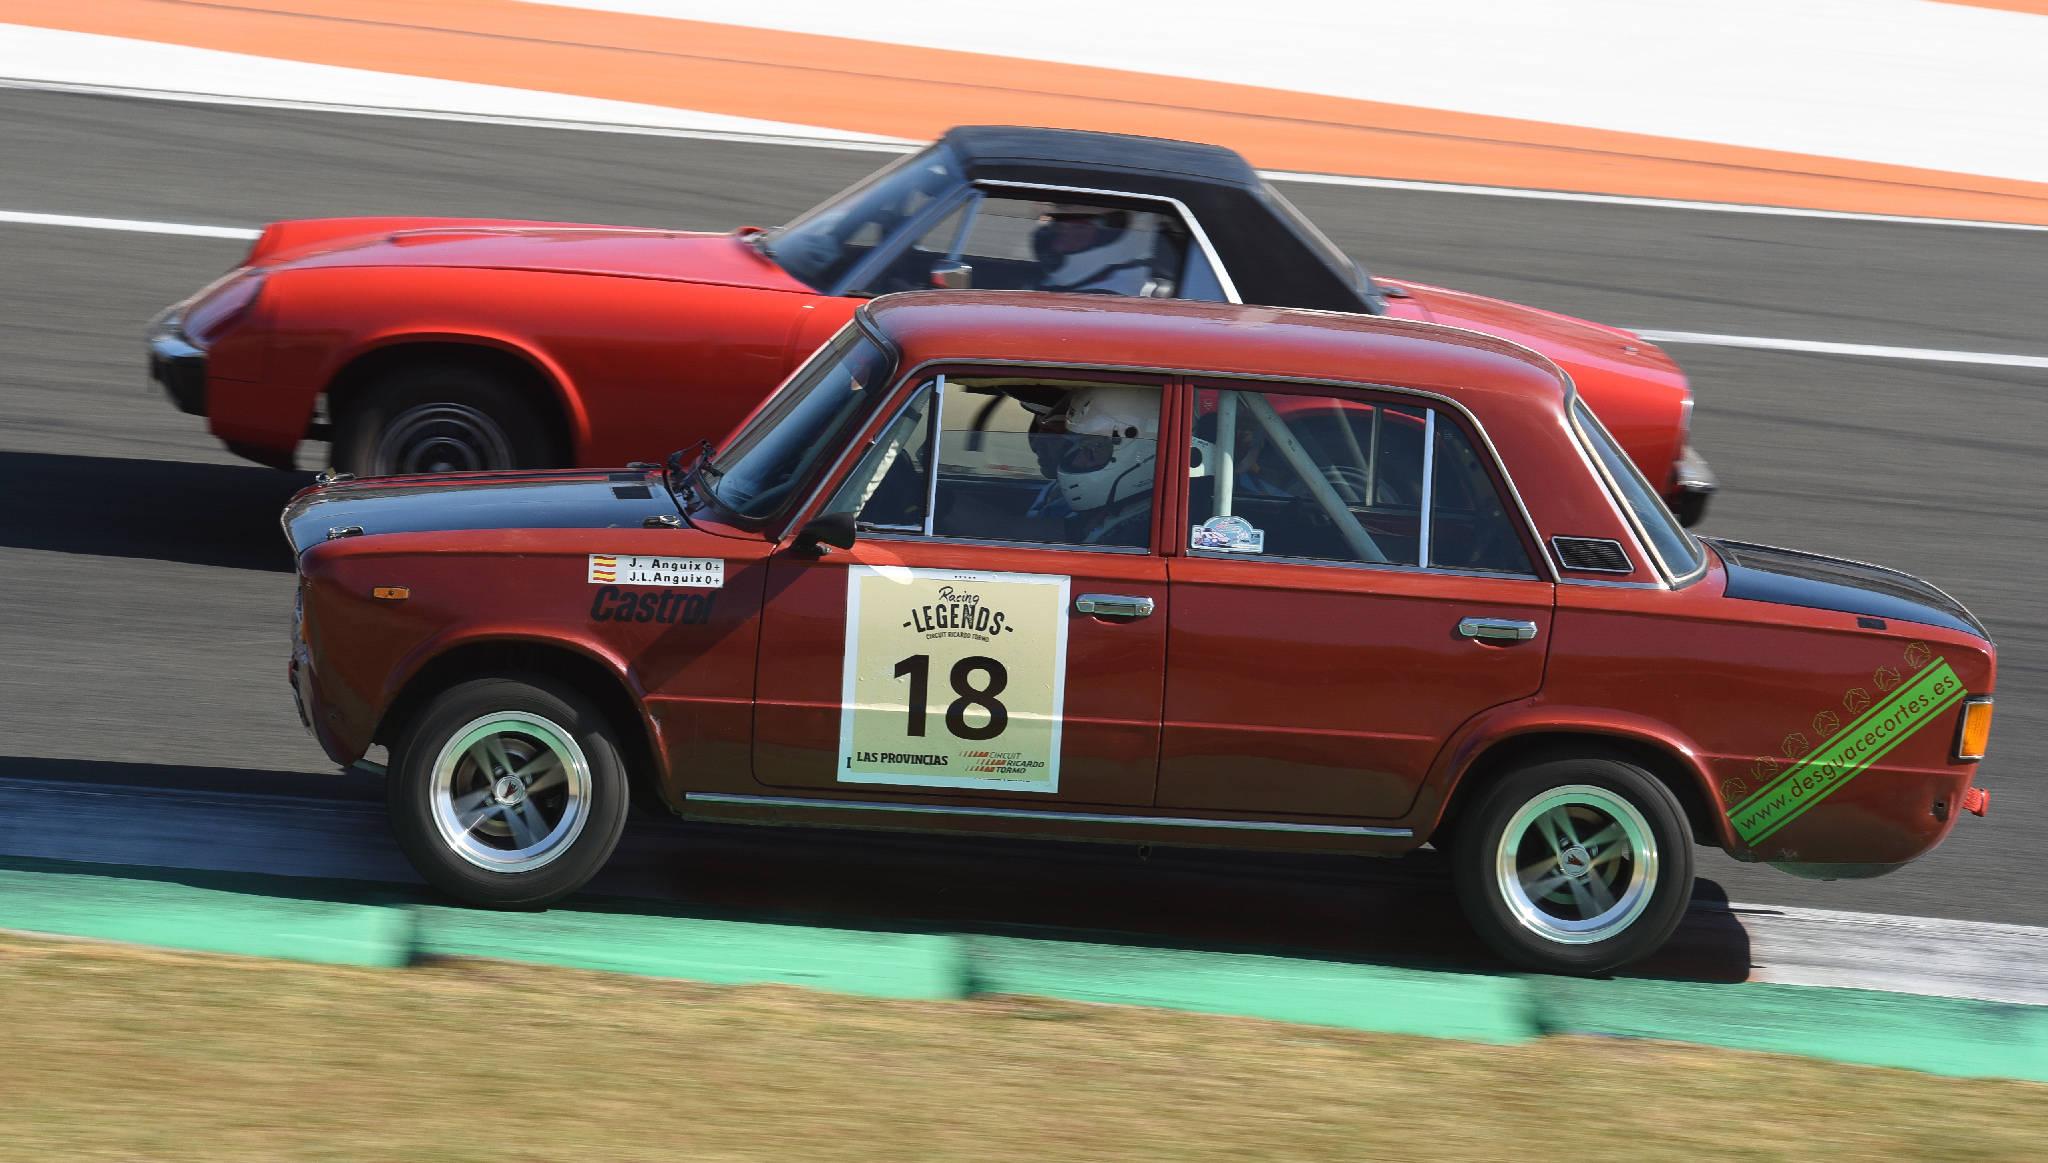 RacingLegends